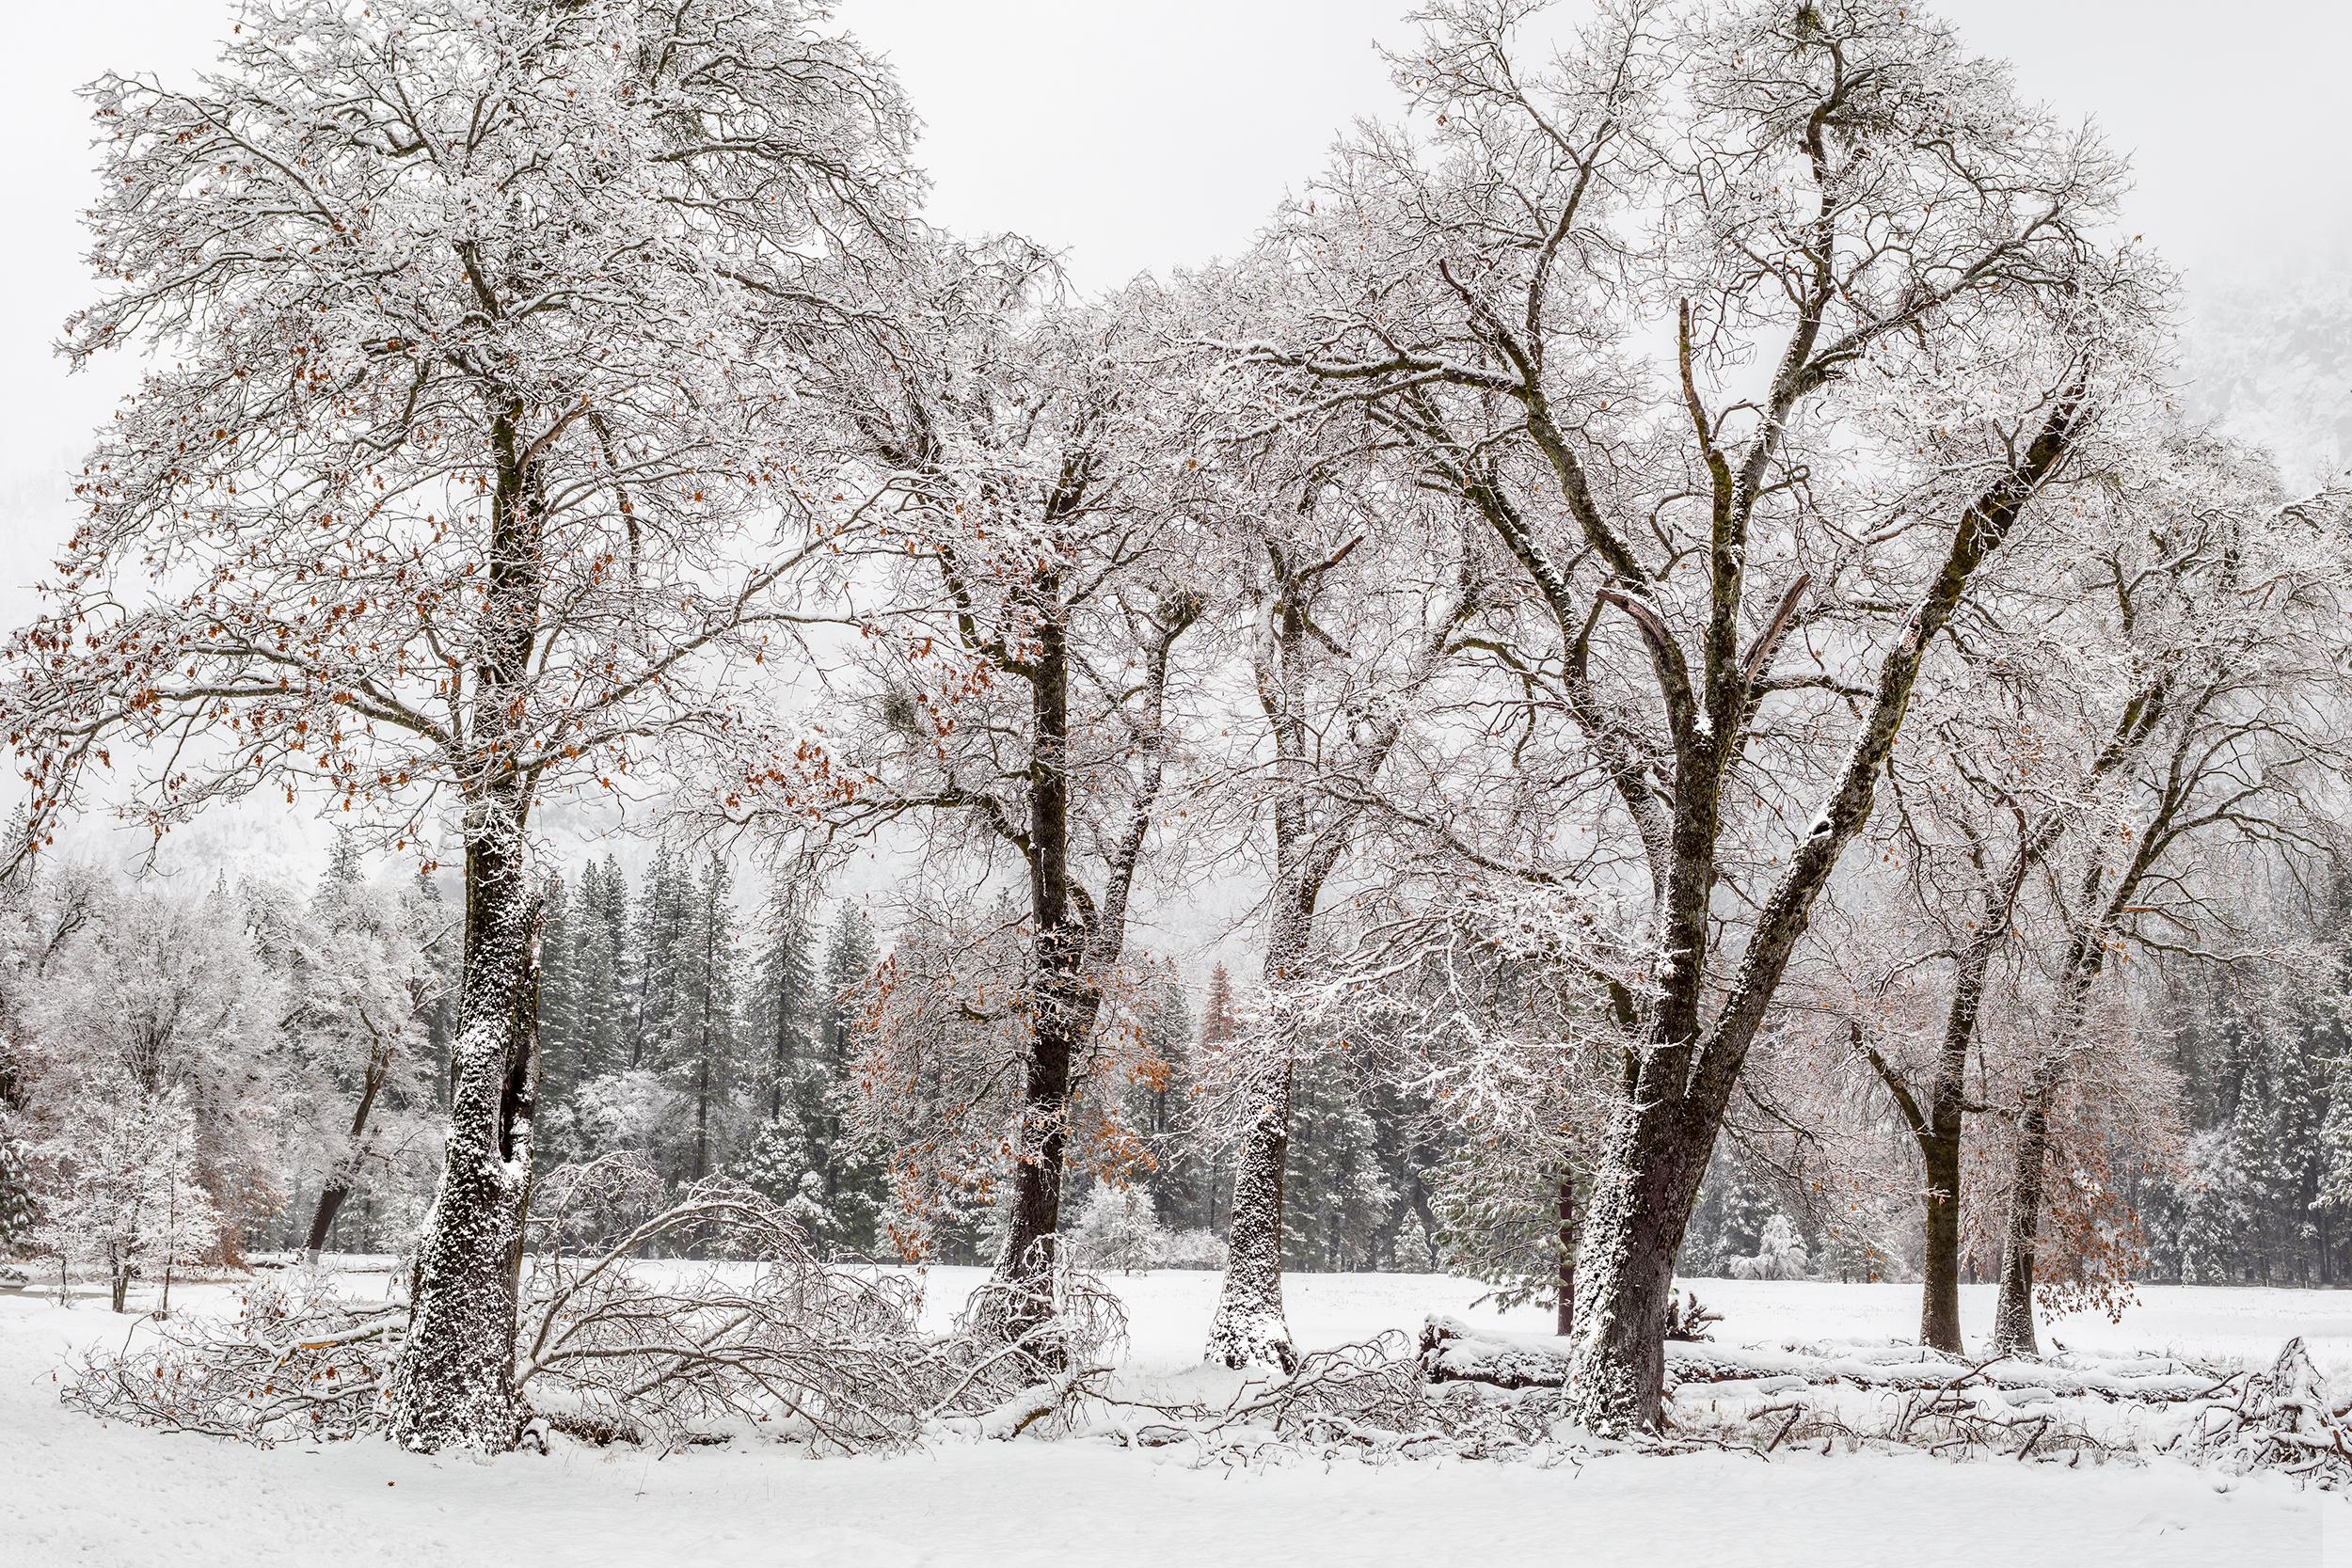 El Capitan Meadow Oaks in Snow (4568-71)